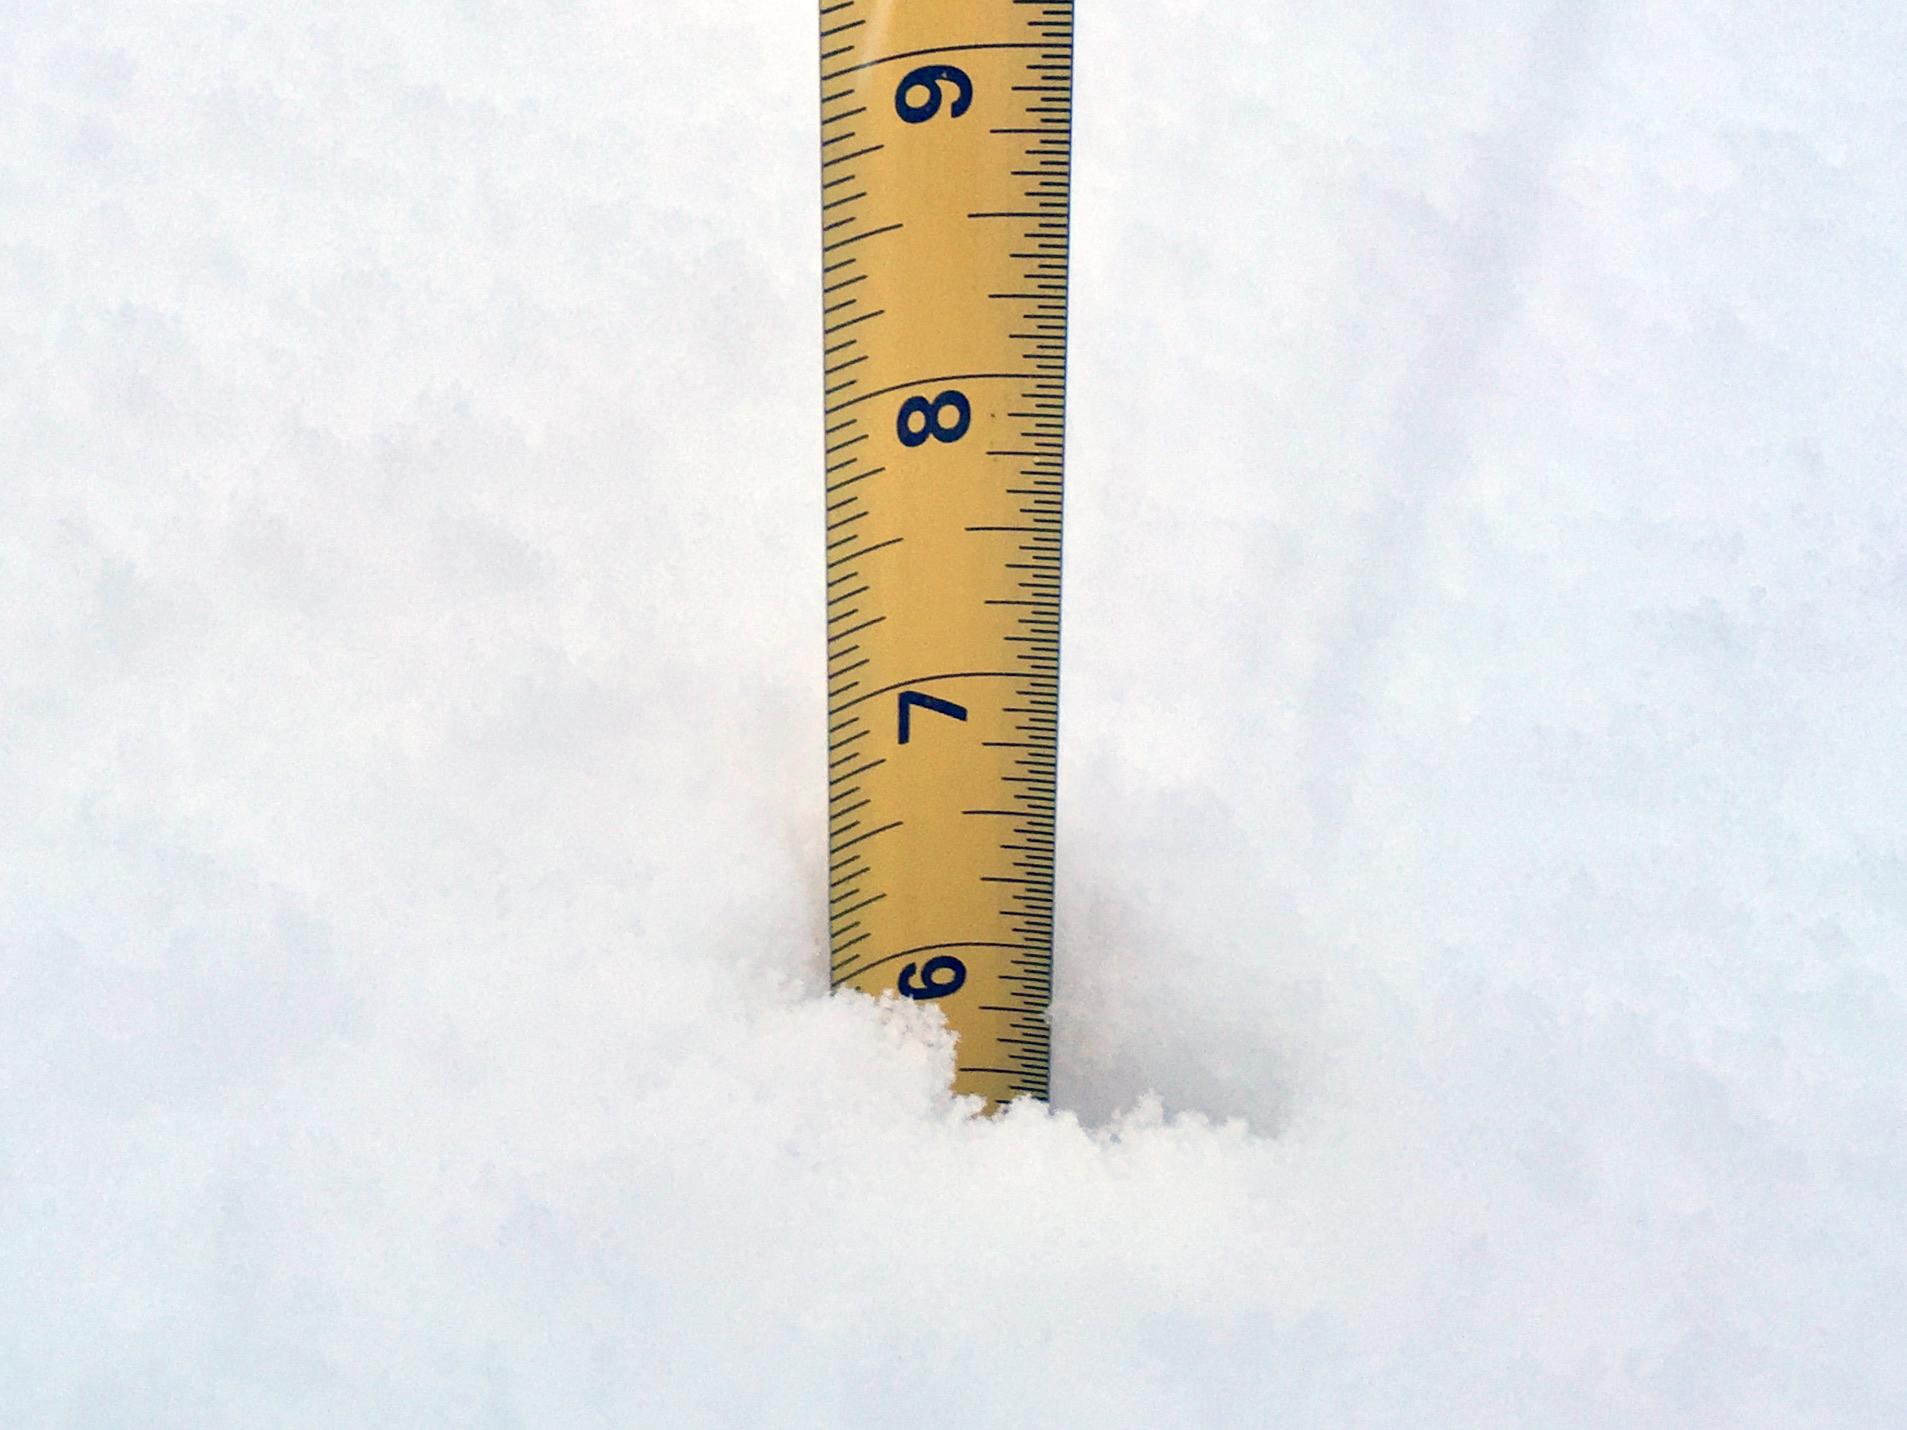 Ruler_snow_Karen_Luksich_1550771830530.jpg